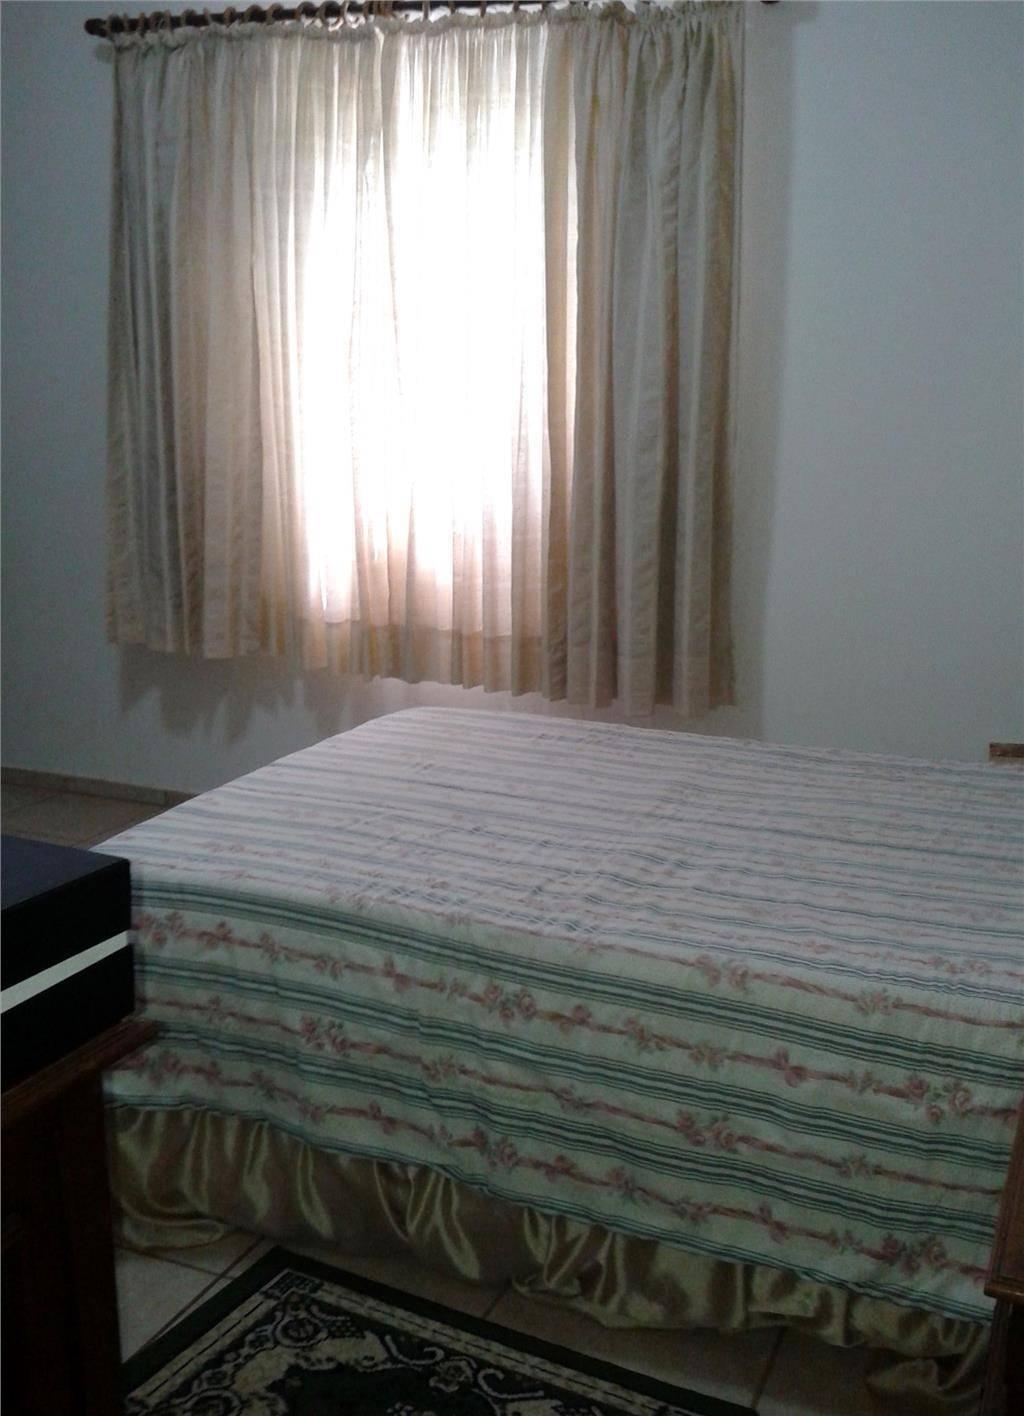 Chácara 3 Dorm, Loteamento Chácaras Vale das Garças, Campinas - Foto 3